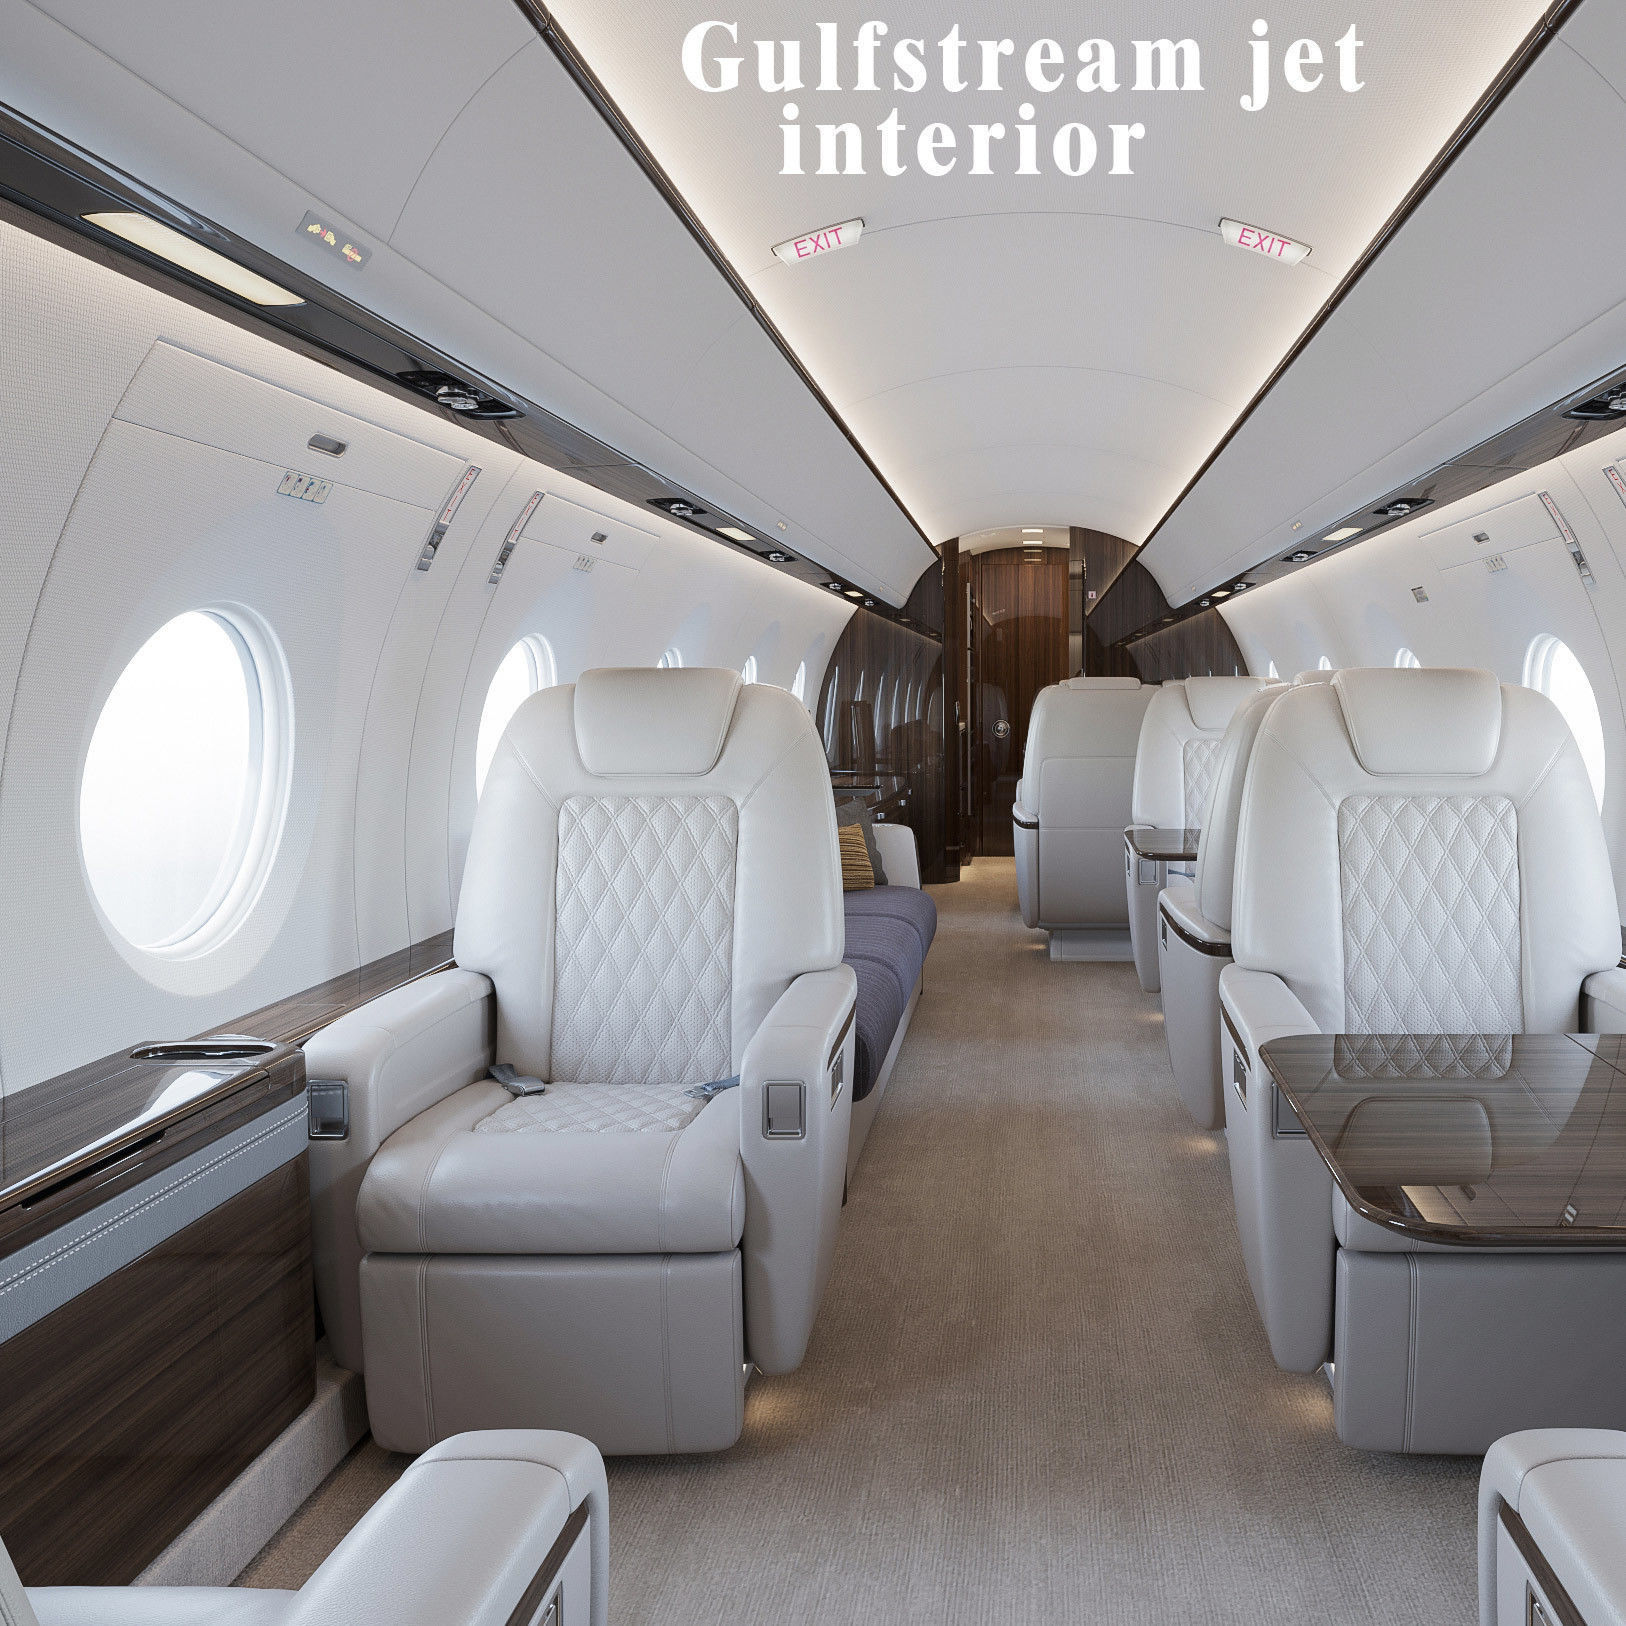 Gulfstream privat jet interior